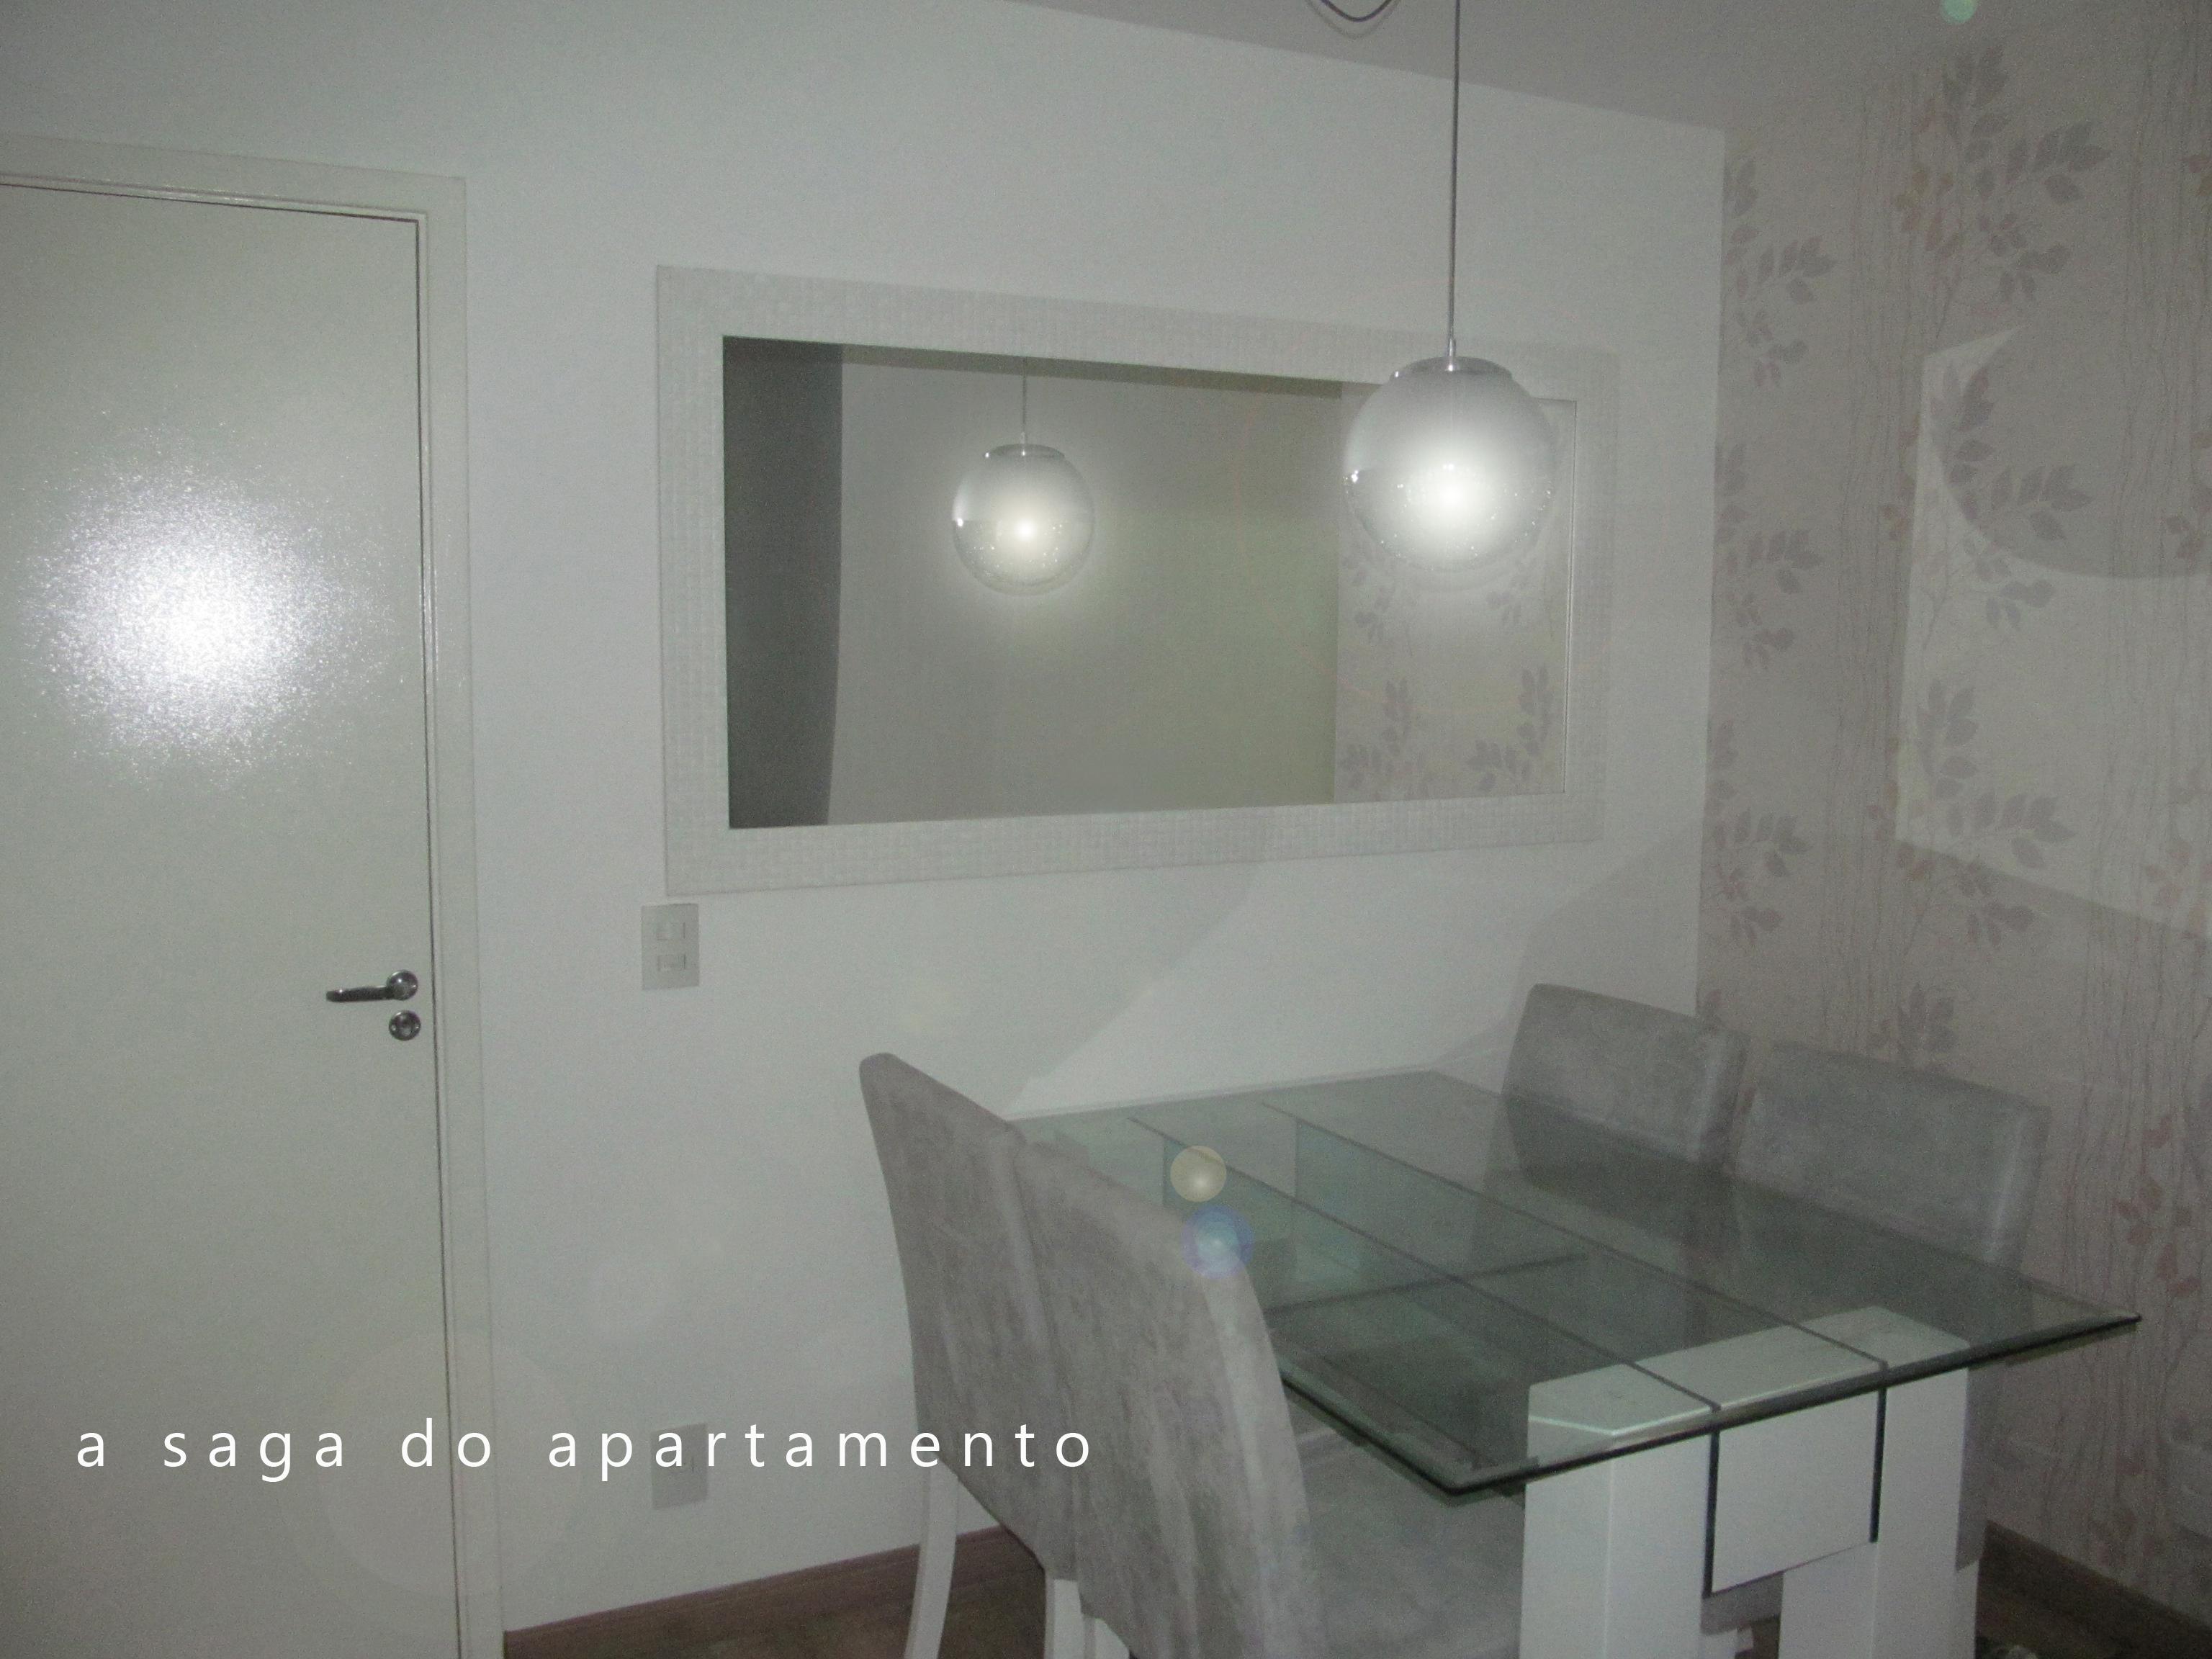 #57514E uma foto de como está a sala de jantar com ele 3072x2304 píxeis em Decoração De Sala De Jantar Com Papel De Parede E Espelho